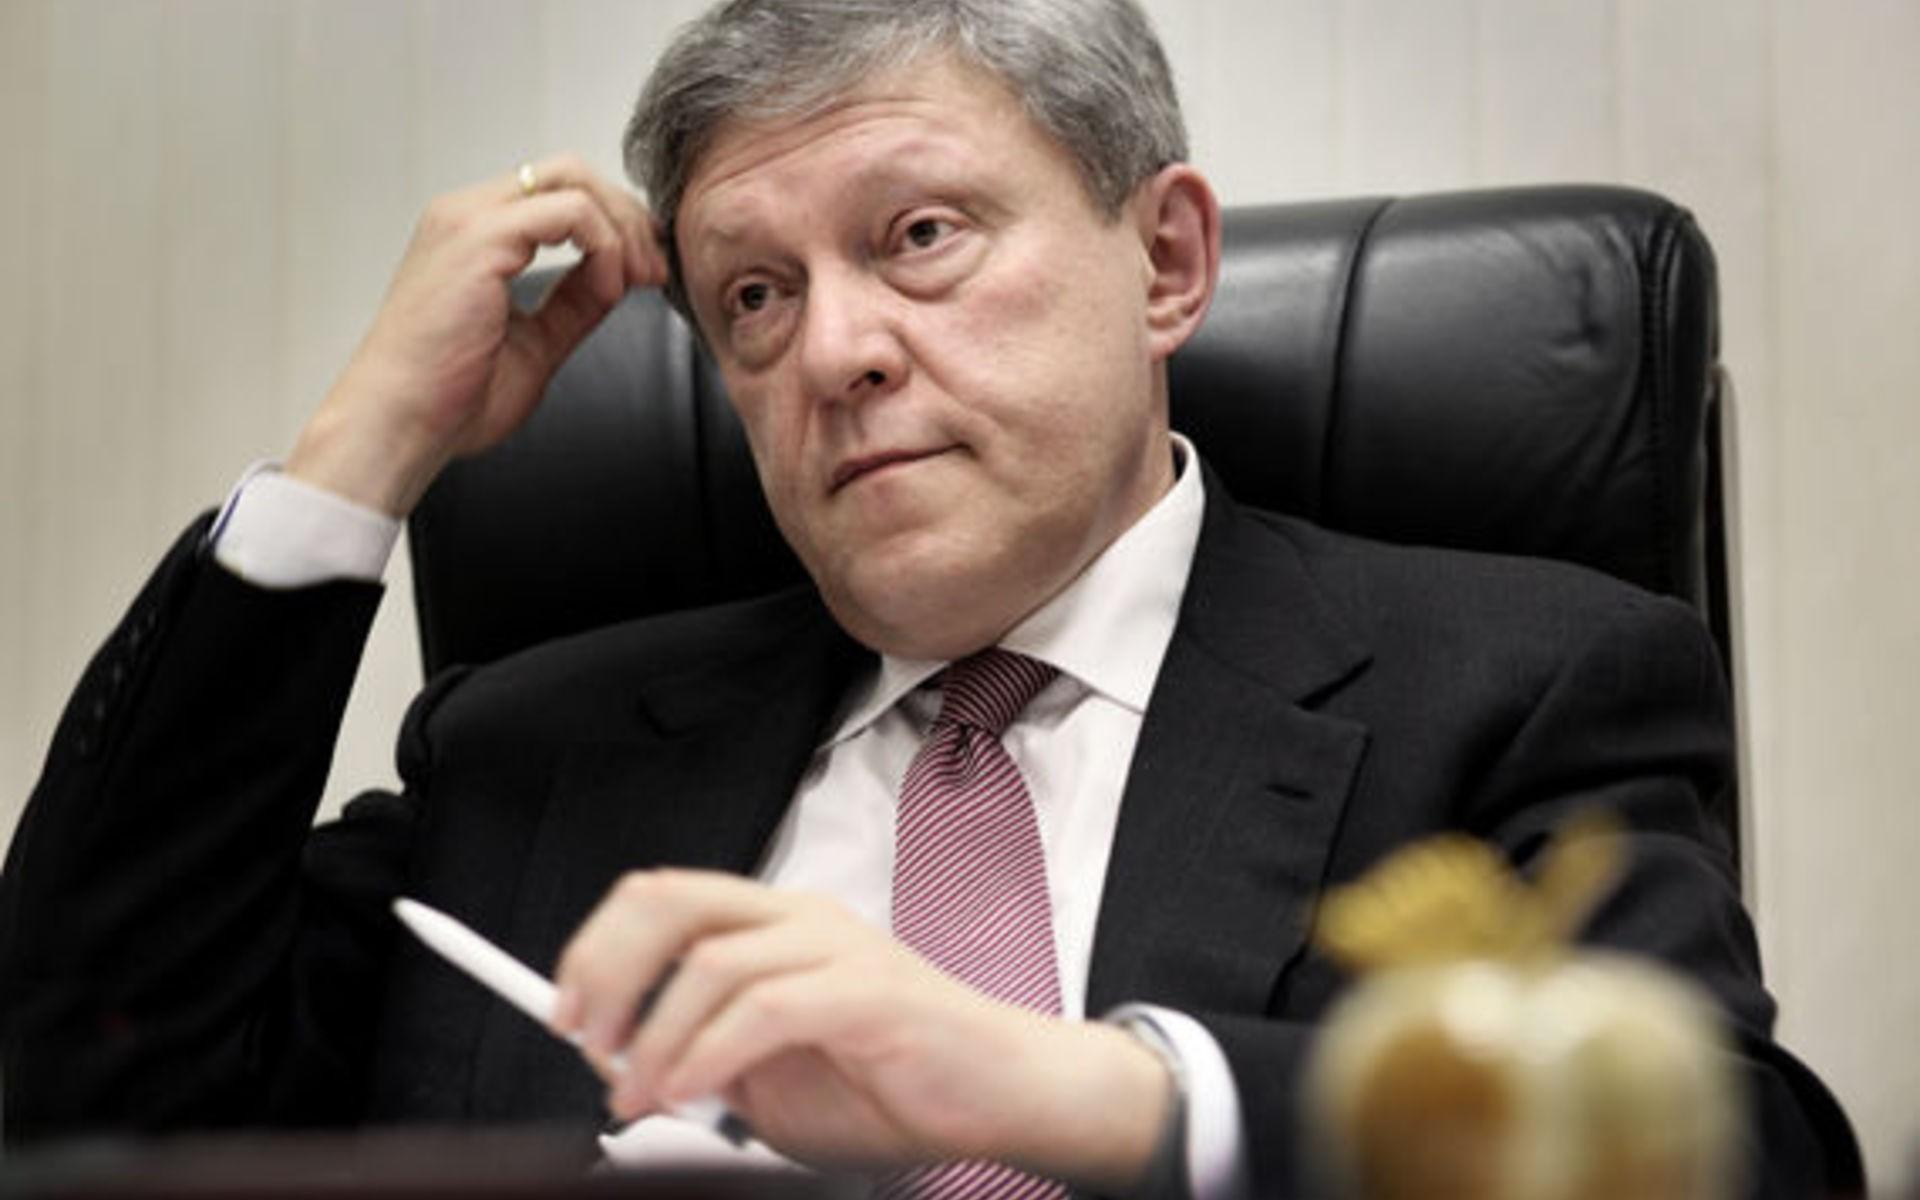 Явлинский объявил «уважение кчеловеку» темой собственной  президентской программы